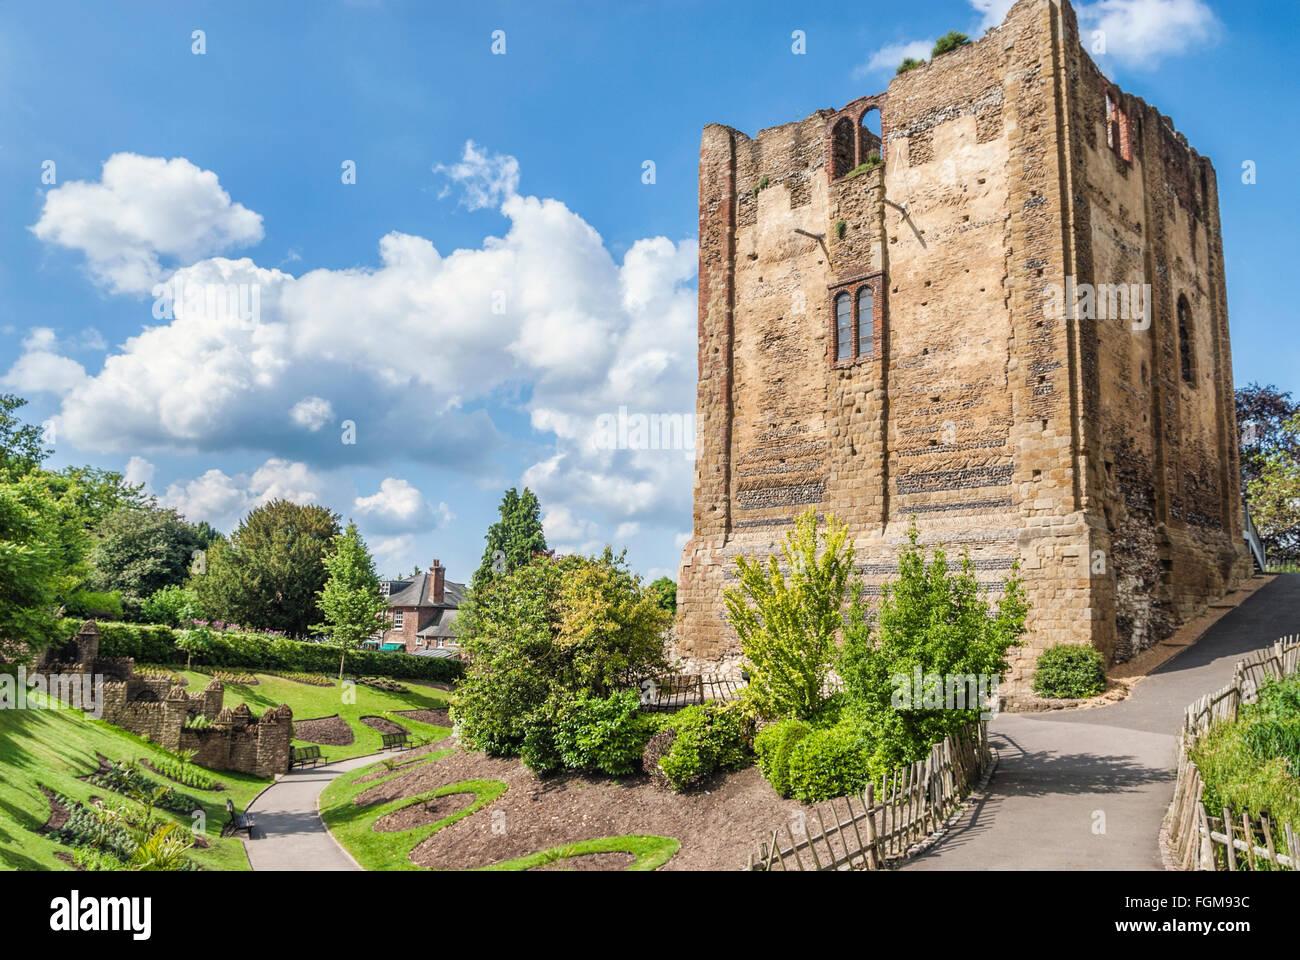 Der Bergfried der Burg Guildford, Surrey, England | Ruine der Burg von Guildford, Surrey, England Stockbild